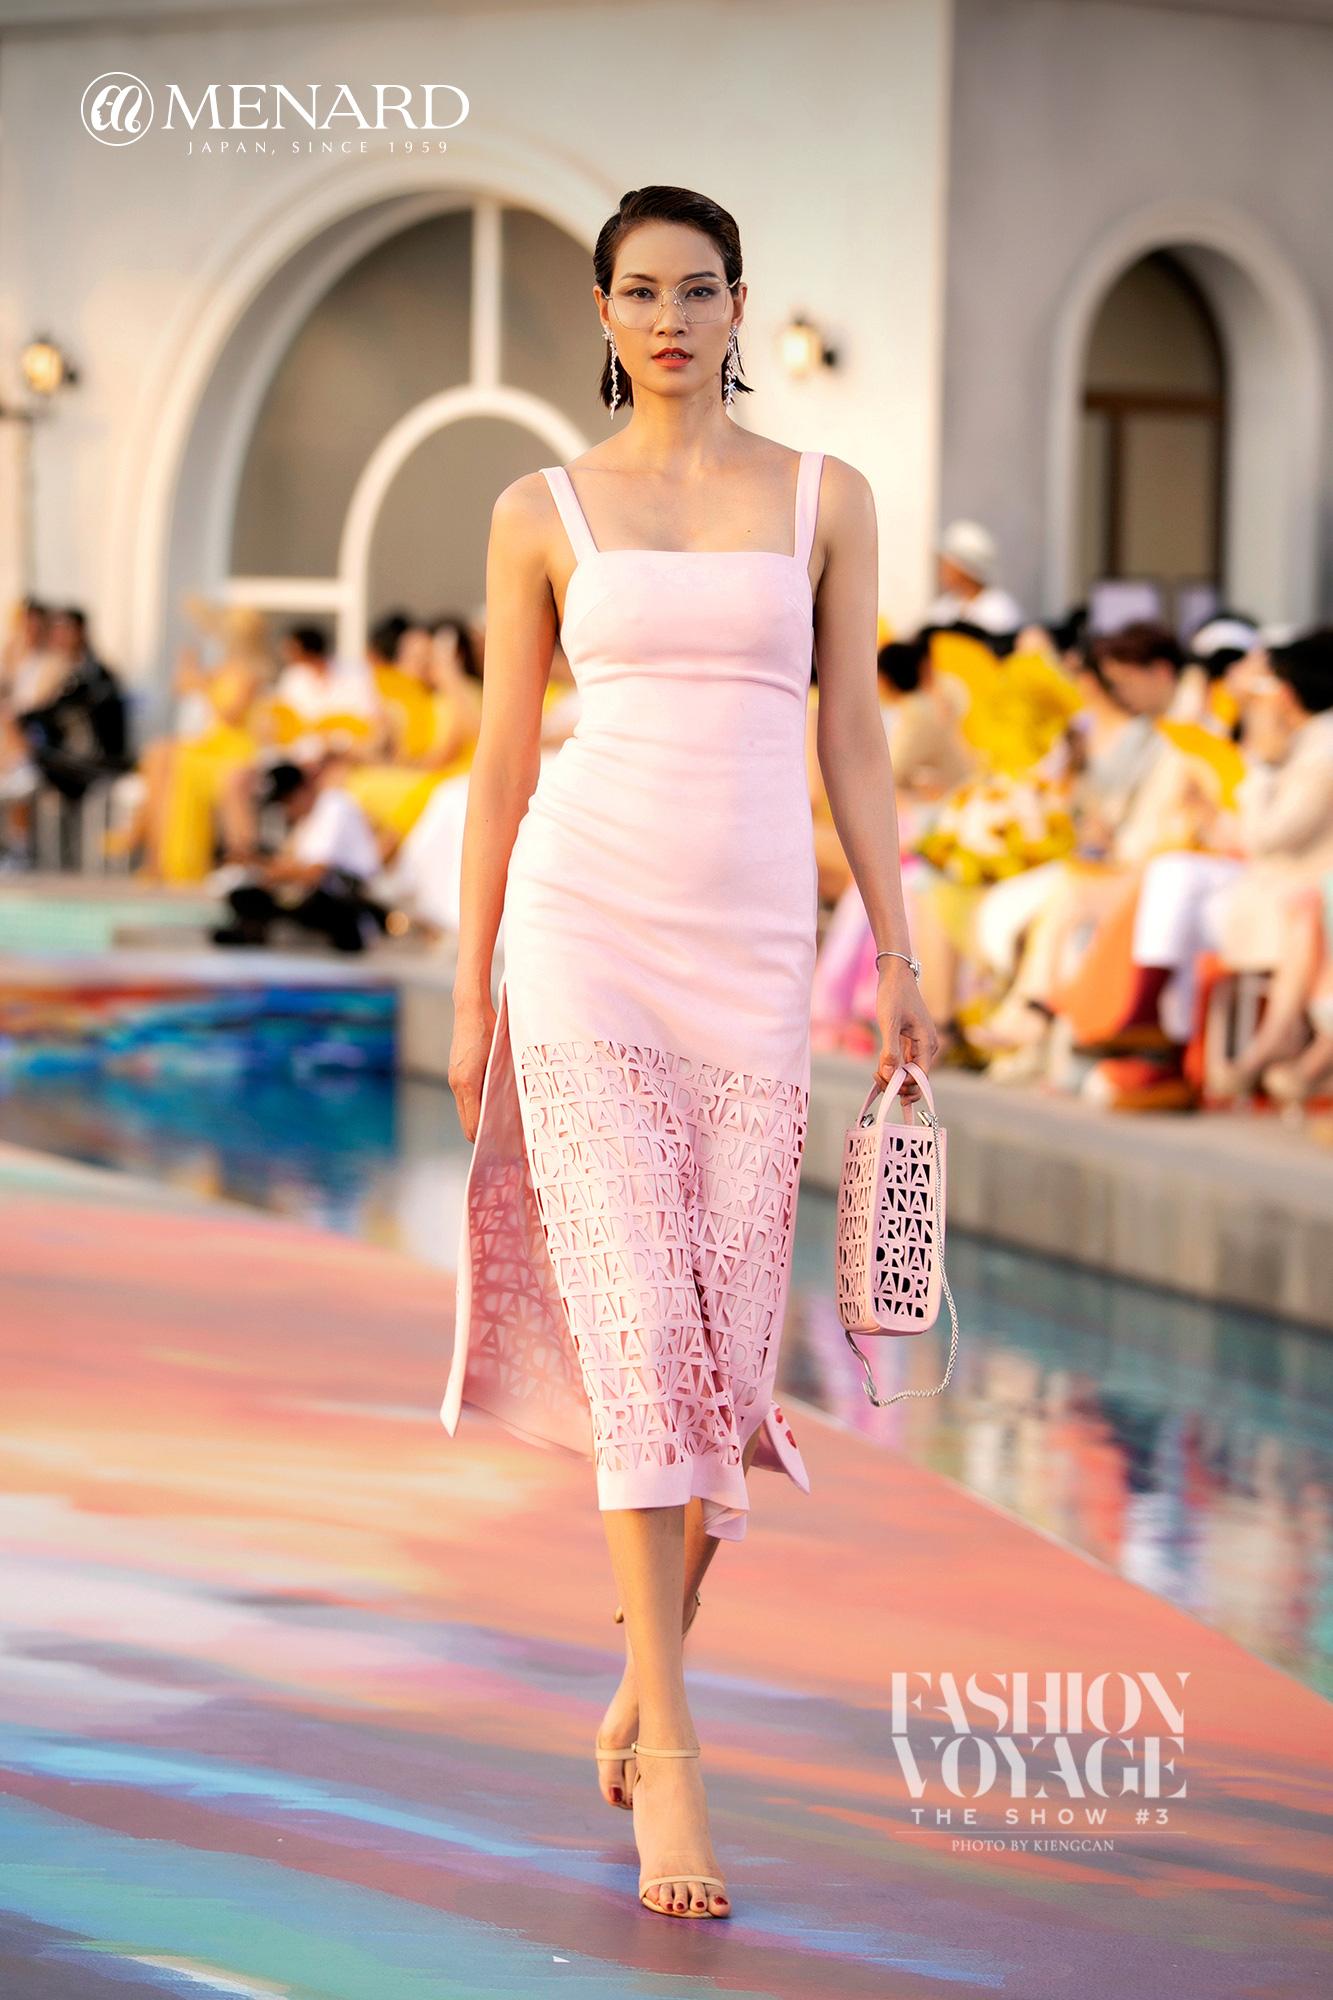 Fashion Voyage #3: Nghệ thuật trang điểm đánh thức khát vọng vẻ đẹp đích thực - Ảnh 7.